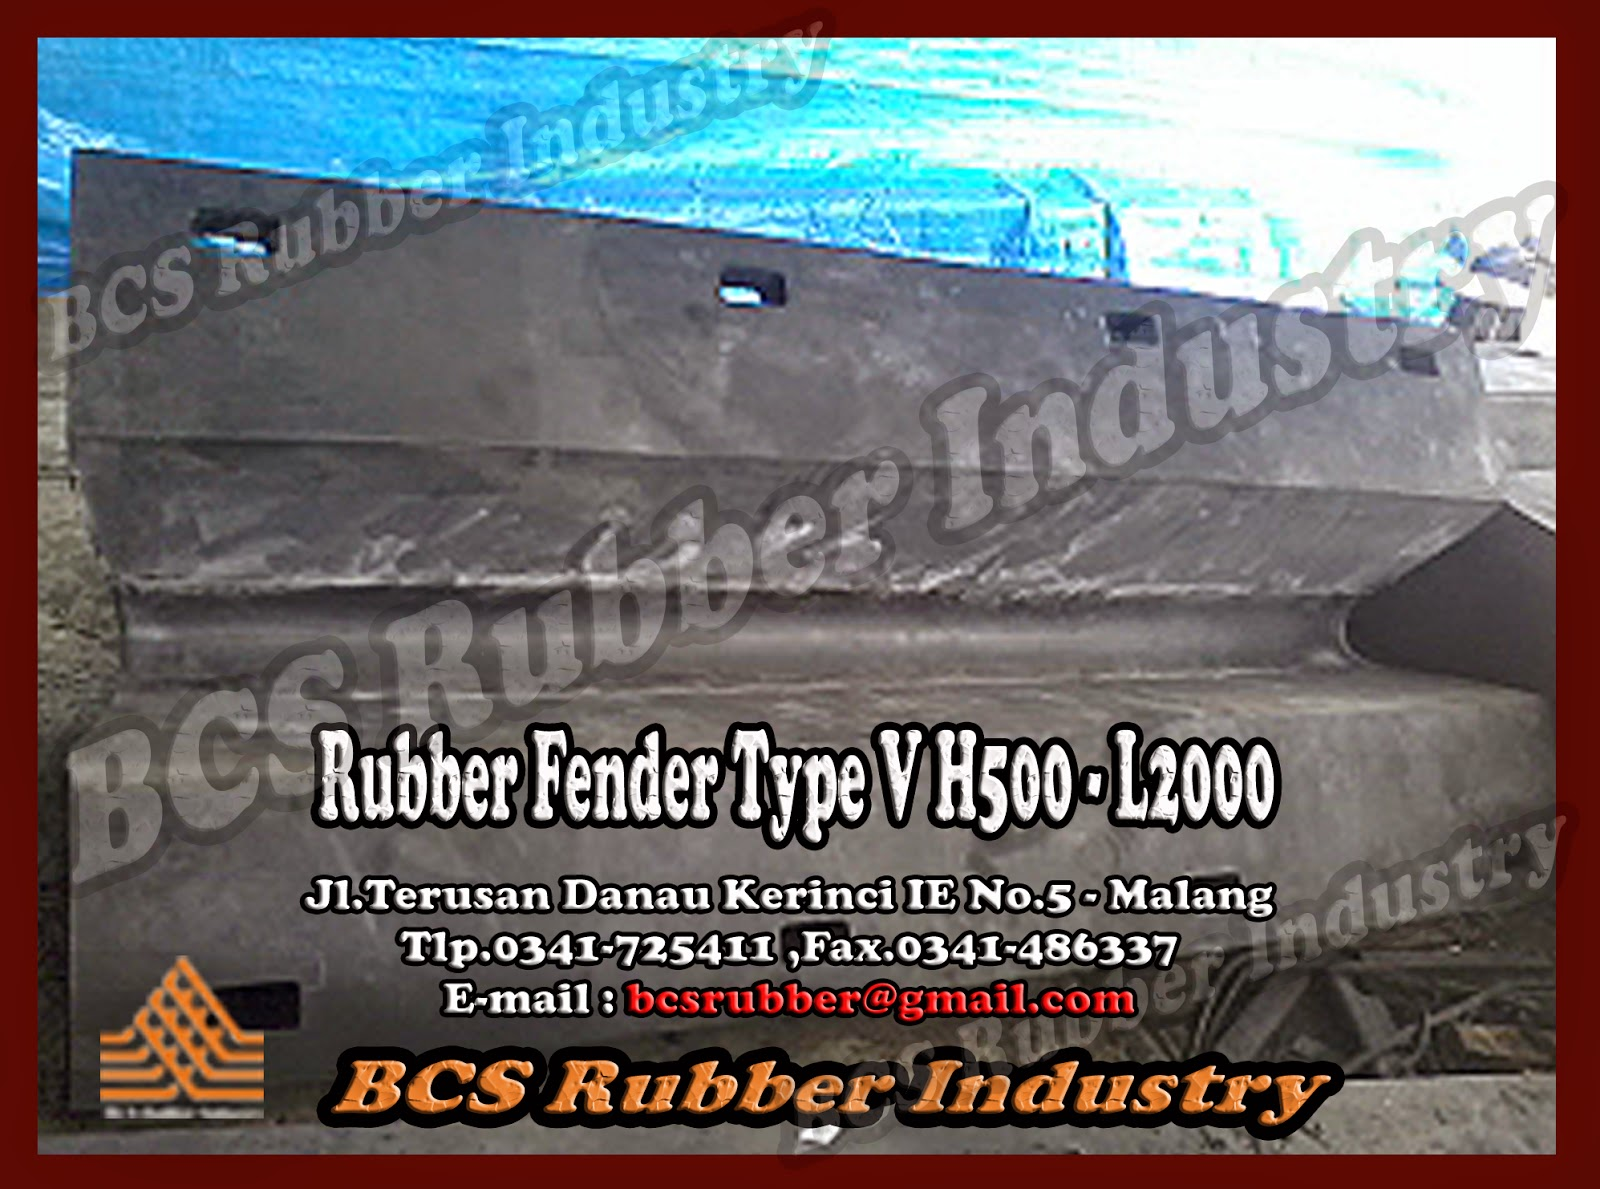 """Rubber Fender """"Jual Rubber Fender""""karet Rubber Fender""""Harga Jual Karet Rubber Fender""""RUBBER FENDER V""""RUBBER FENDER M""""RUBBER FENDER A """"RUBBER FENDER Cylinder """"RUBBER FENDER Trapezoid""""RUBBER FENDER  CELL""""RUBBER FENDER Squere""""RUBBER FENDER W""""Rubber Fender""""Rubber fender Dermaga""""Produksi Rubber fender""""Pabrik Rubber Fender""""Rubber Fender"""